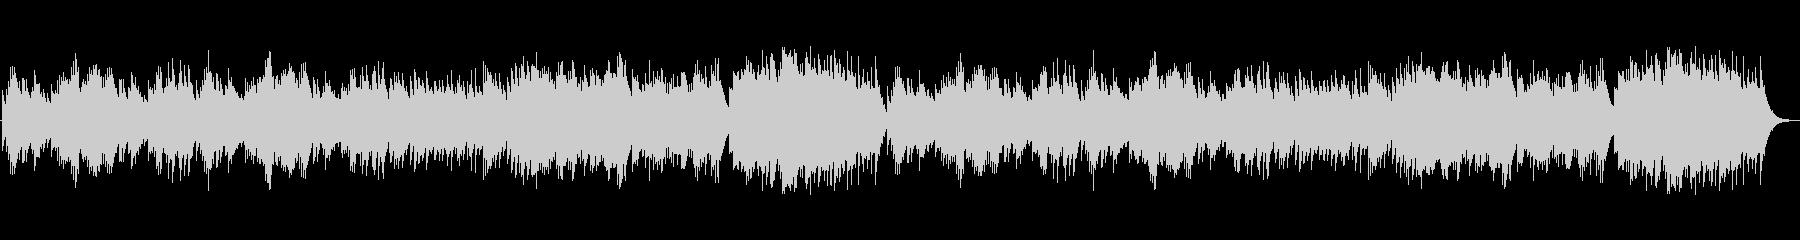 ミステリアスなチェレスタの未再生の波形